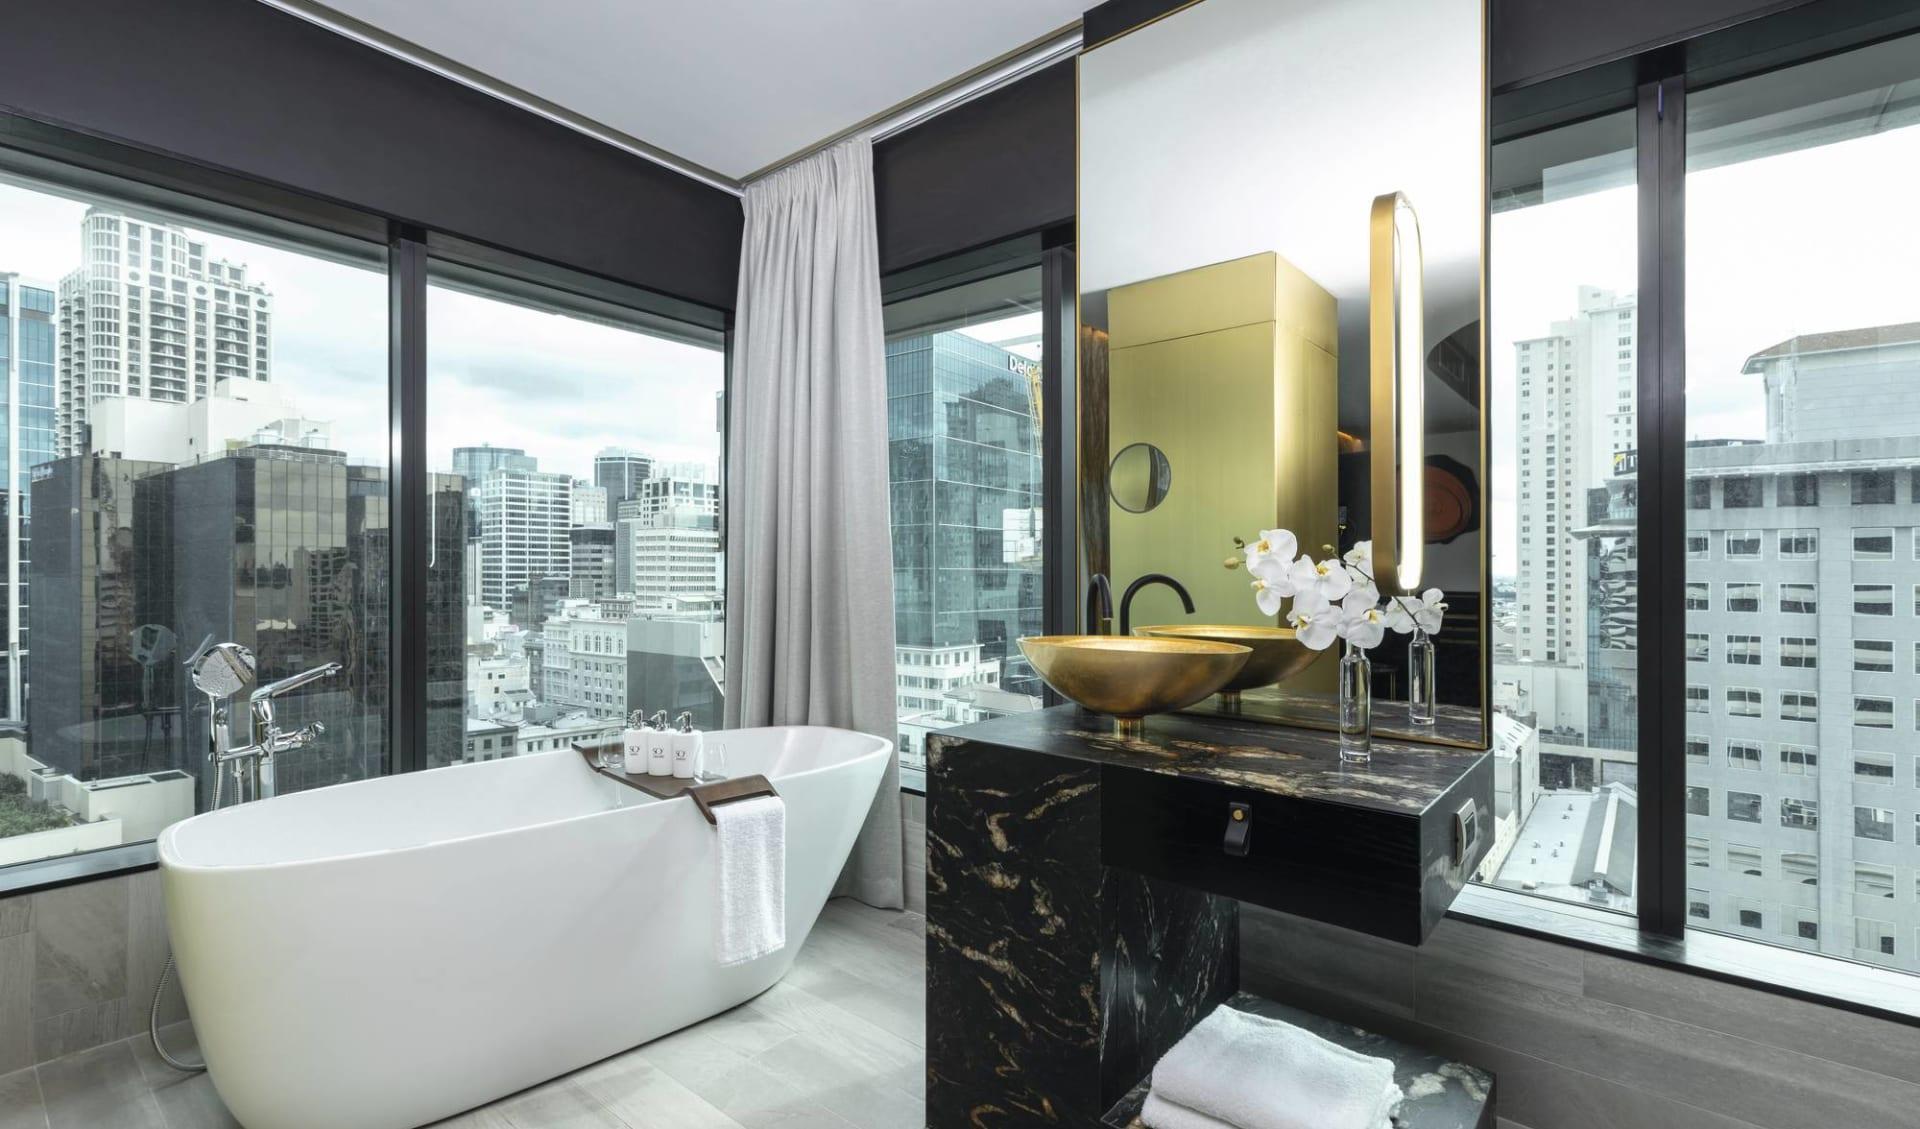 SO Sofitel Auckland:  zimmer SO Sofitel Auckland - Badezimmer mit Sicht auf Stadt